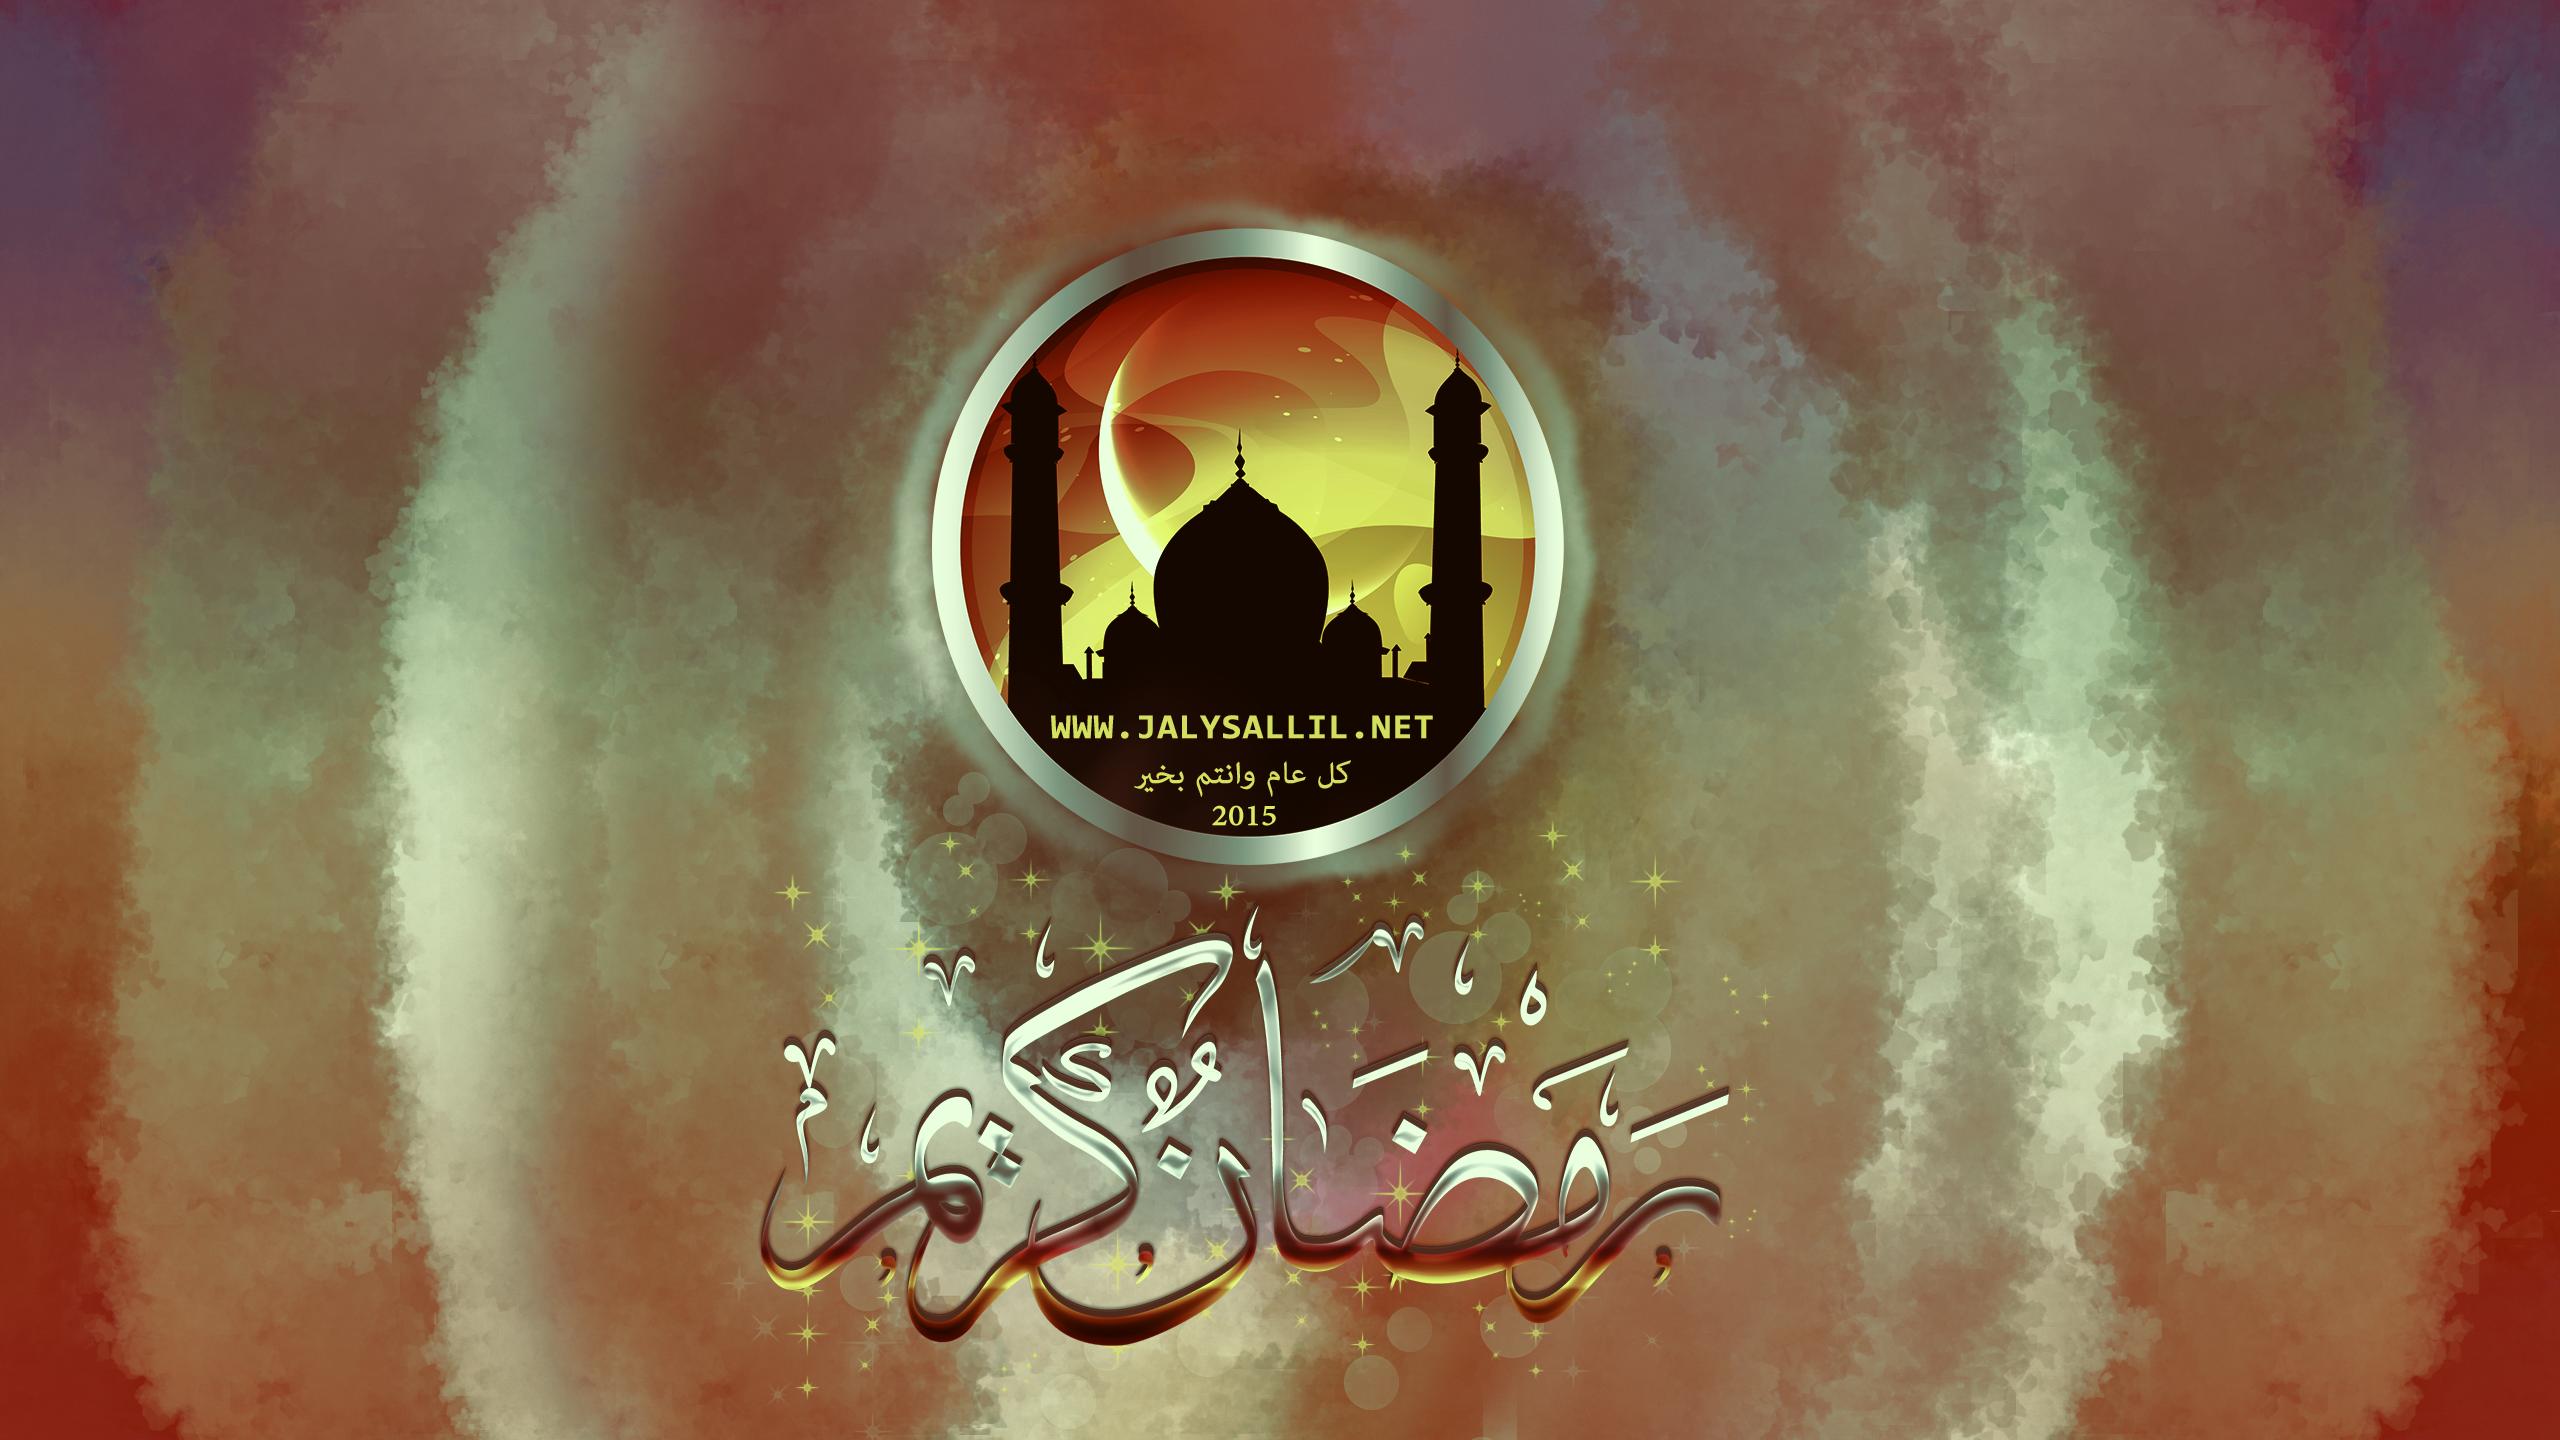 HD|رمضان كريم خلفية سطح المكتب